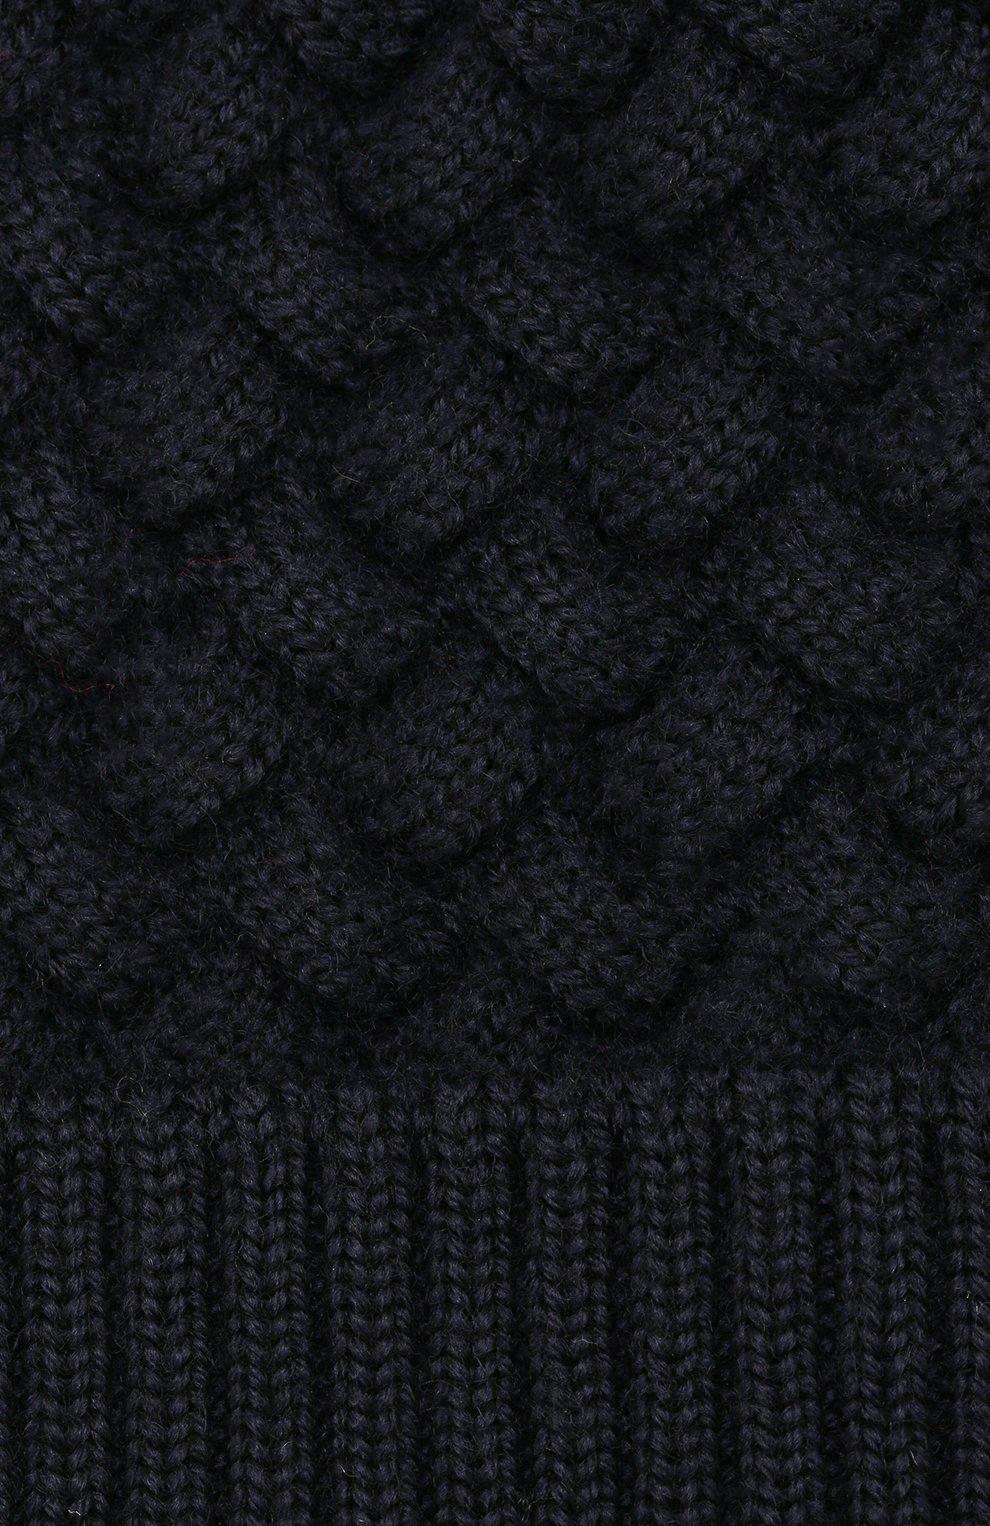 Женская шерстяная шапка BOTTEGA VENETA темно-синего цвета, арт. 500396/4V206 | Фото 3